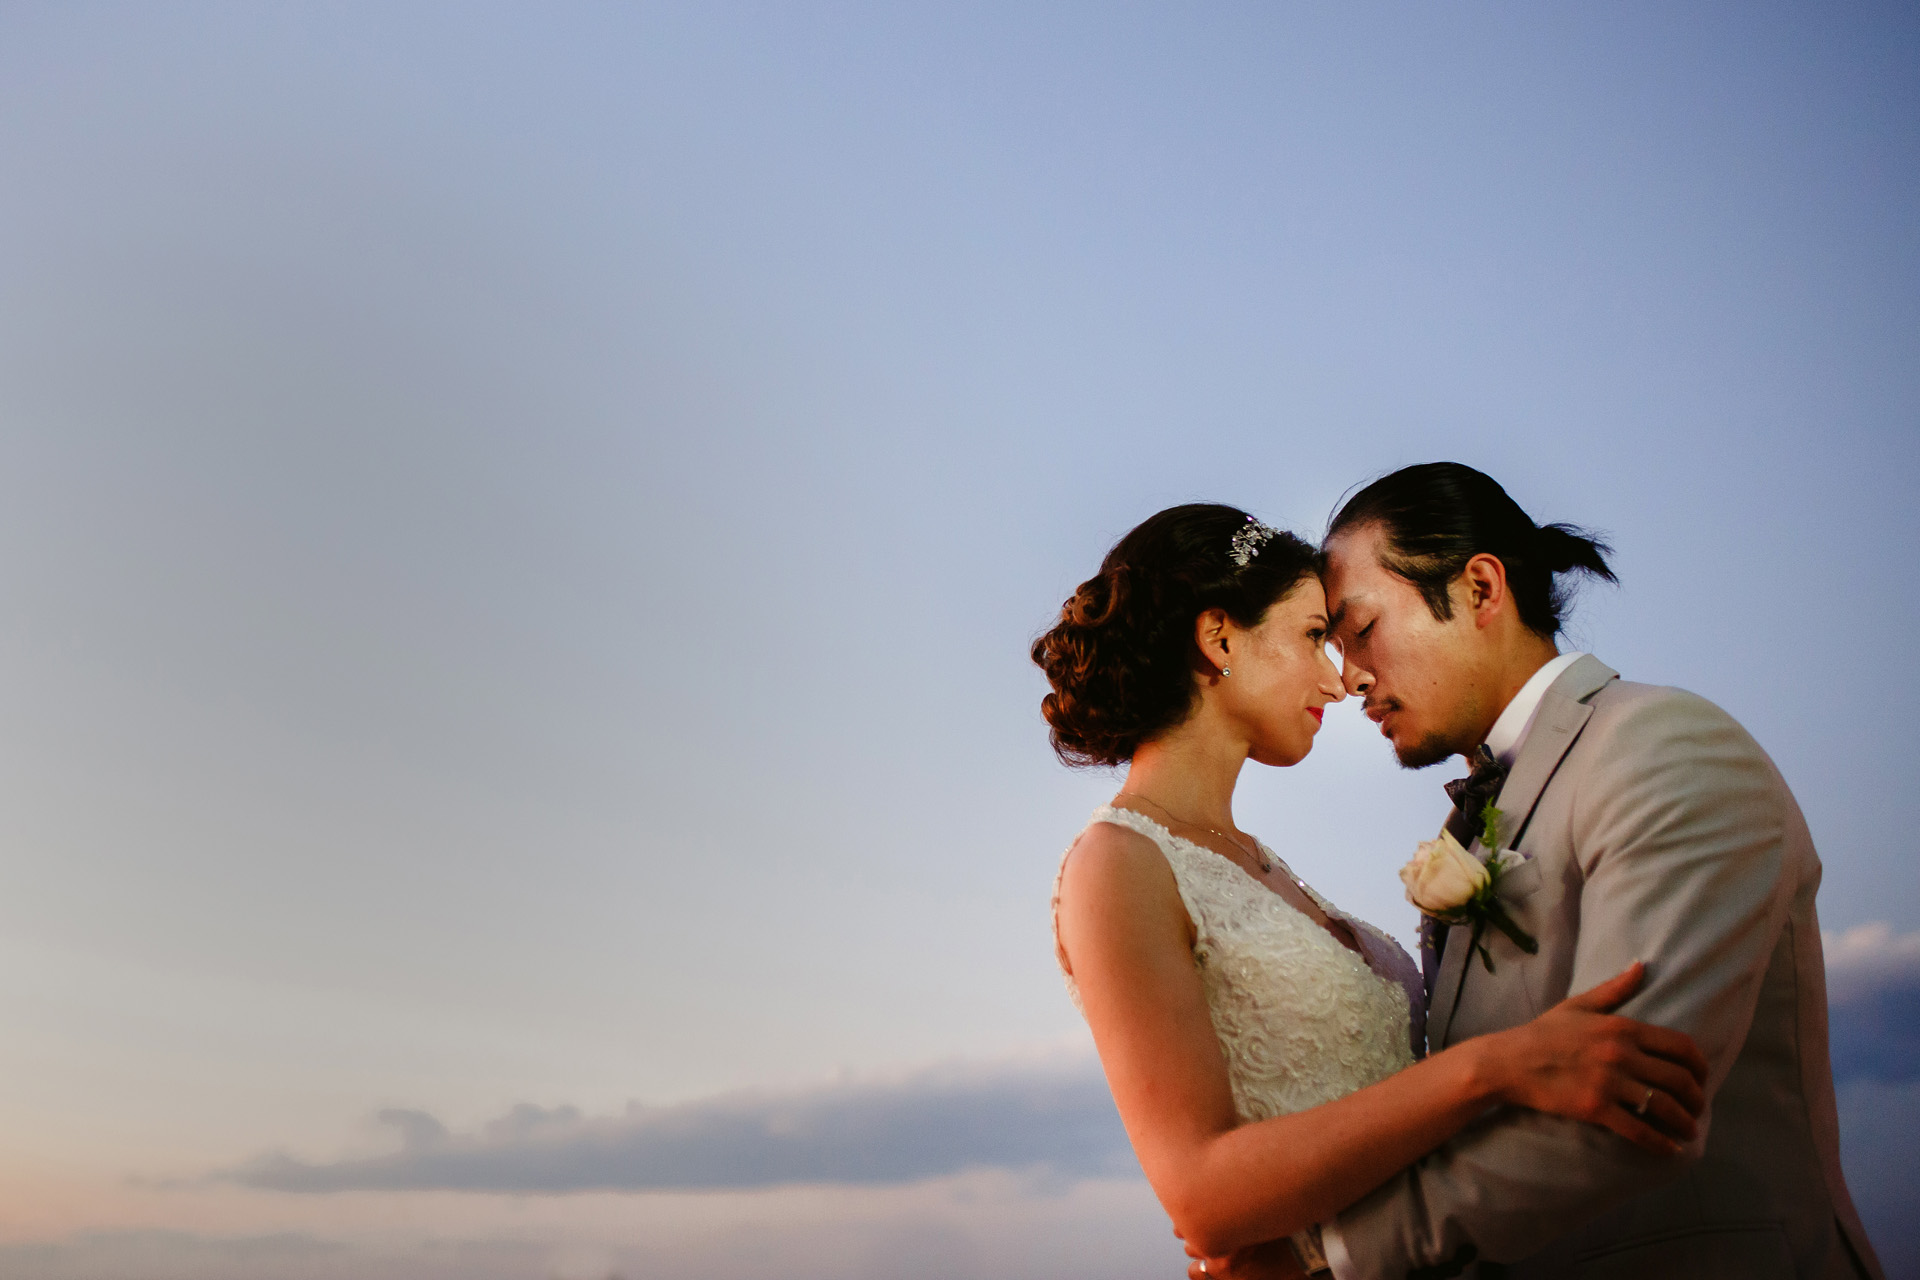 Portrait de mariage Elopement à Chypre - Photographie en plein air | une petite séance de portraits sur la terrasse du lieu